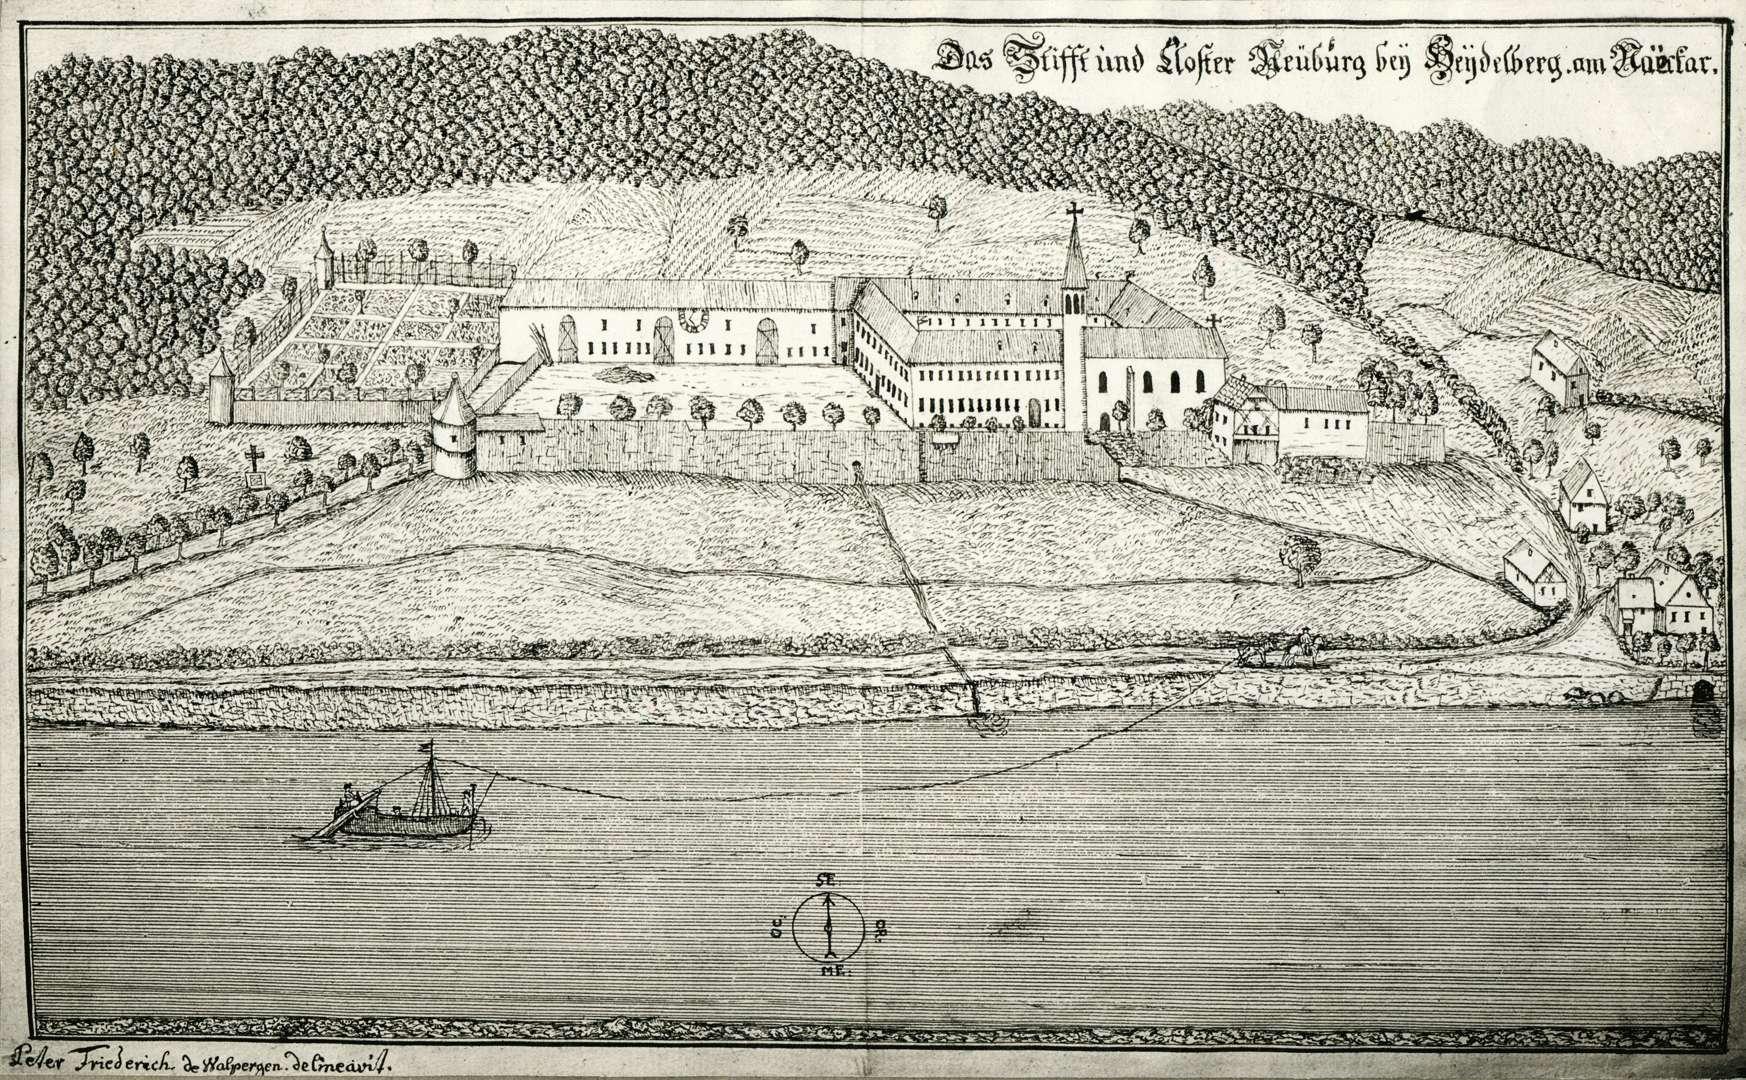 Das Stifft und Closter Neuburg bey Heydelberg am Naeckar, Bild 1